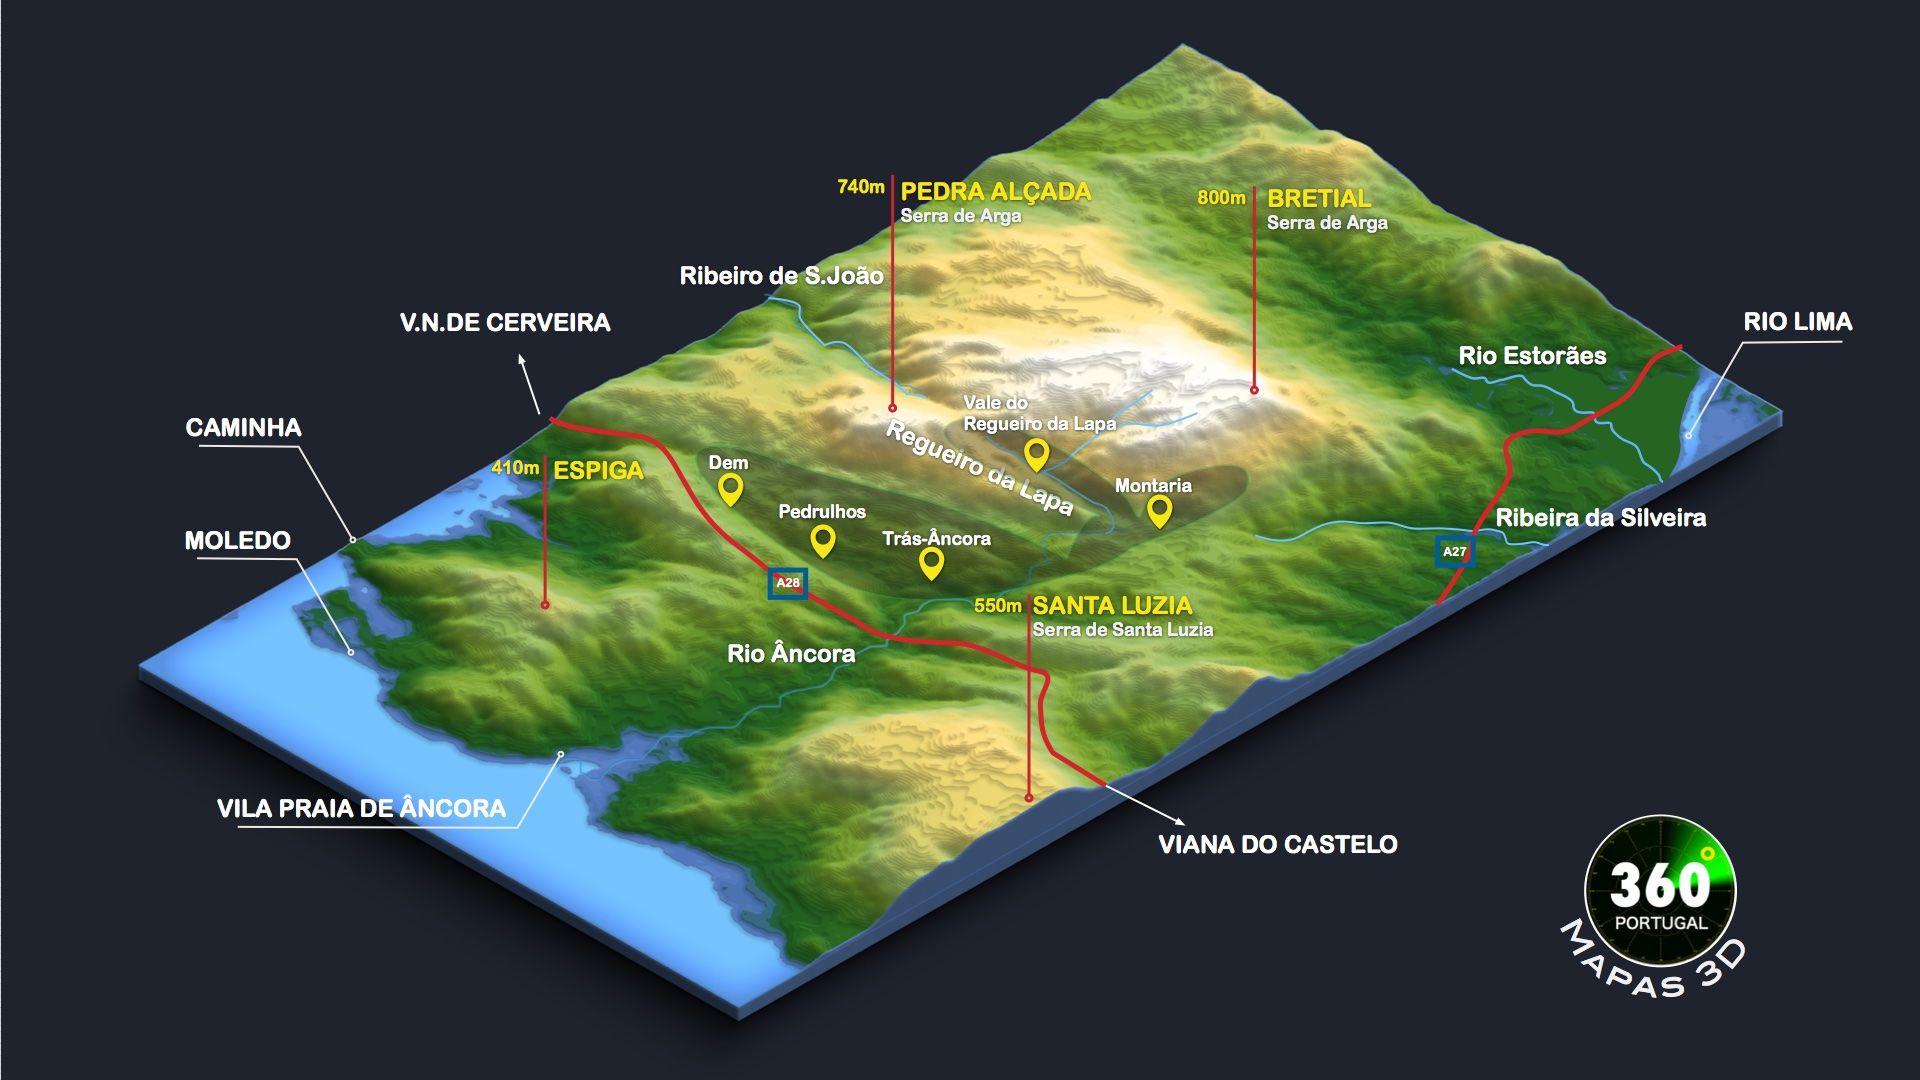 Mapa 3d Da Serra Da Arga E Envolvente Viana Do Castelo Portugal